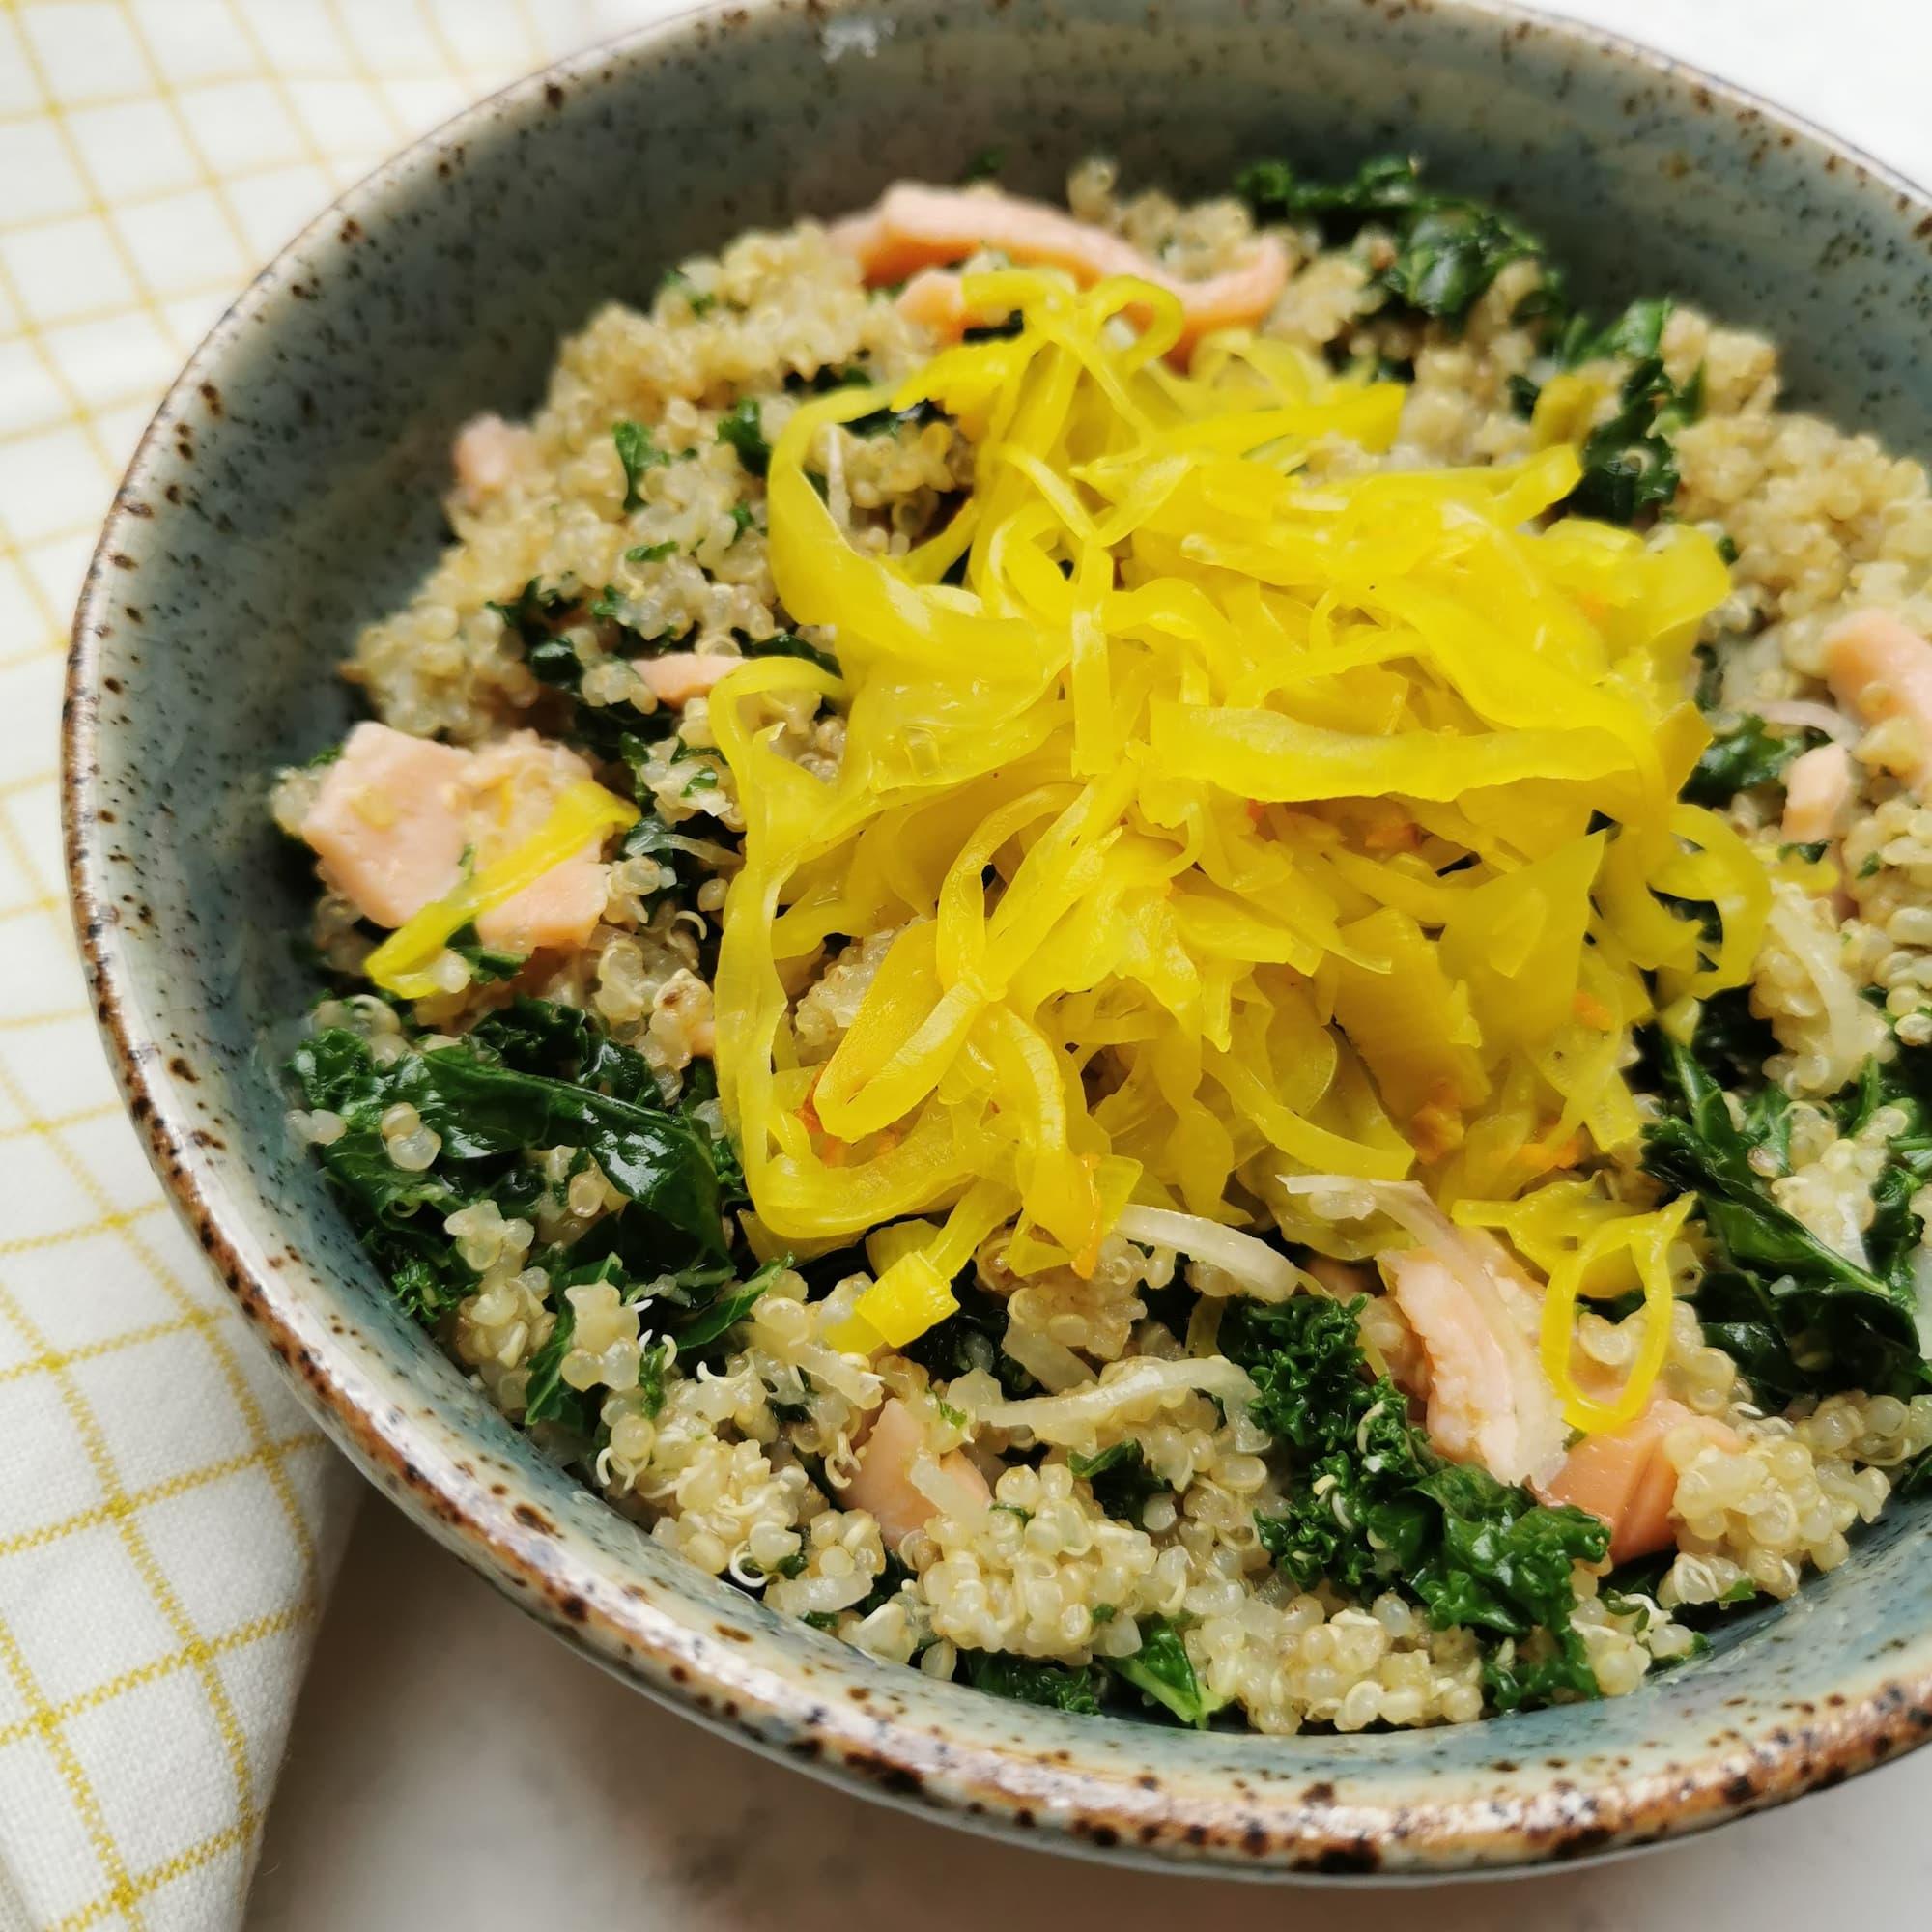 Légumes fermentés de Terrafermenta pour épicer les plats